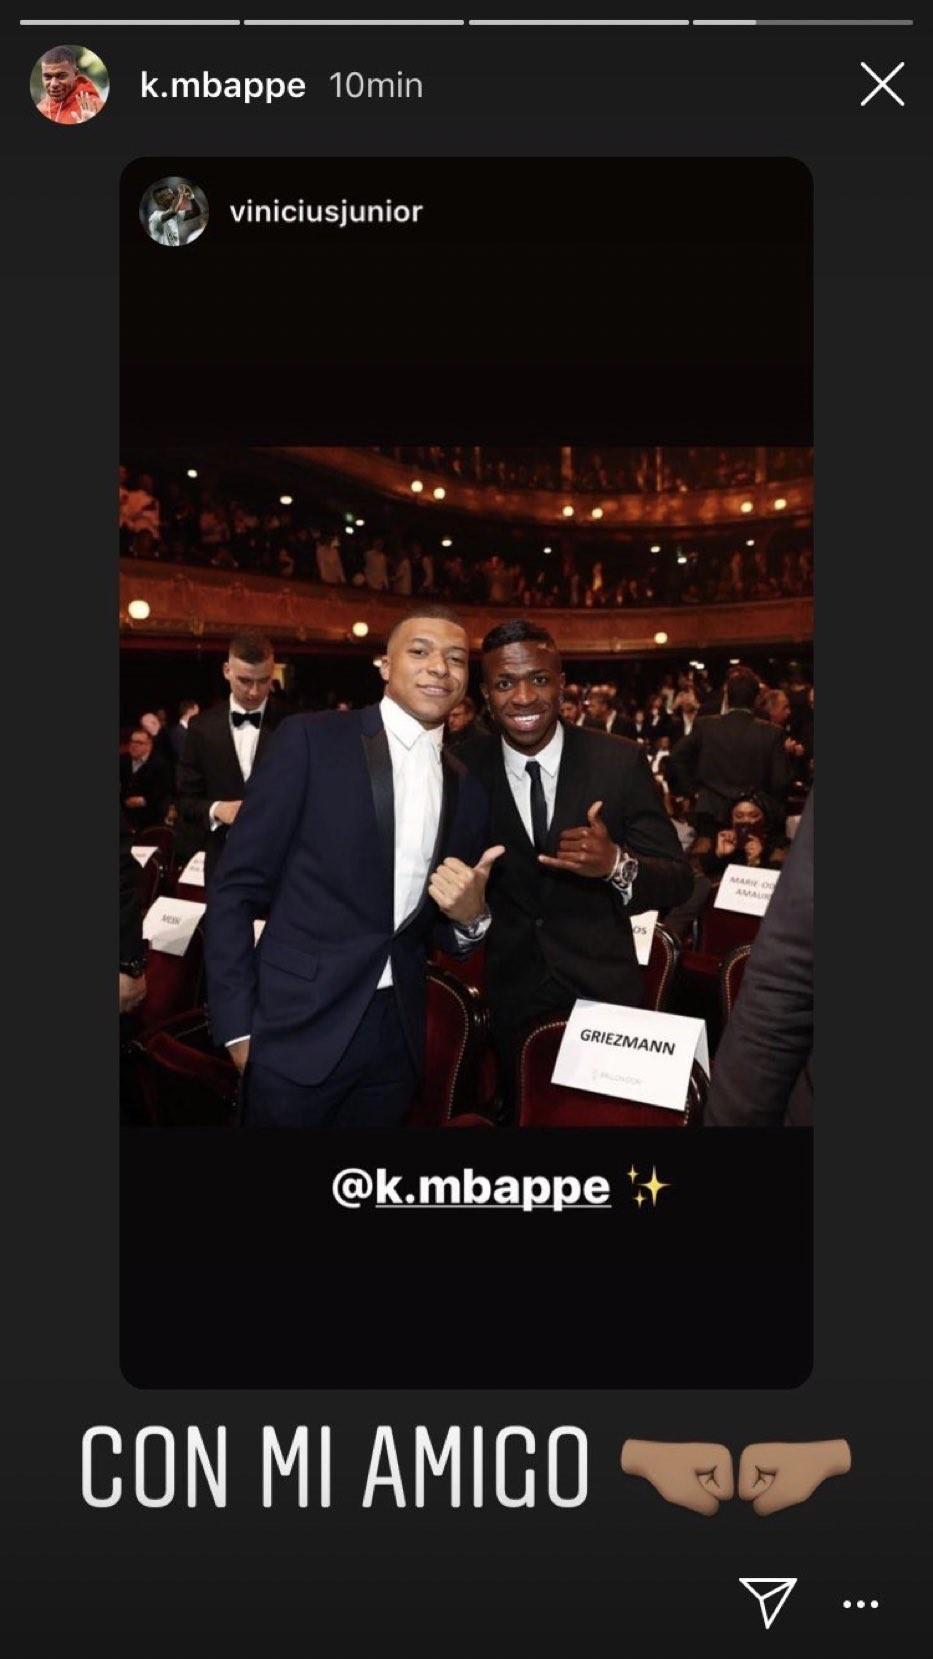 Vinicius con Mbappé en la gala del Balón de Oro